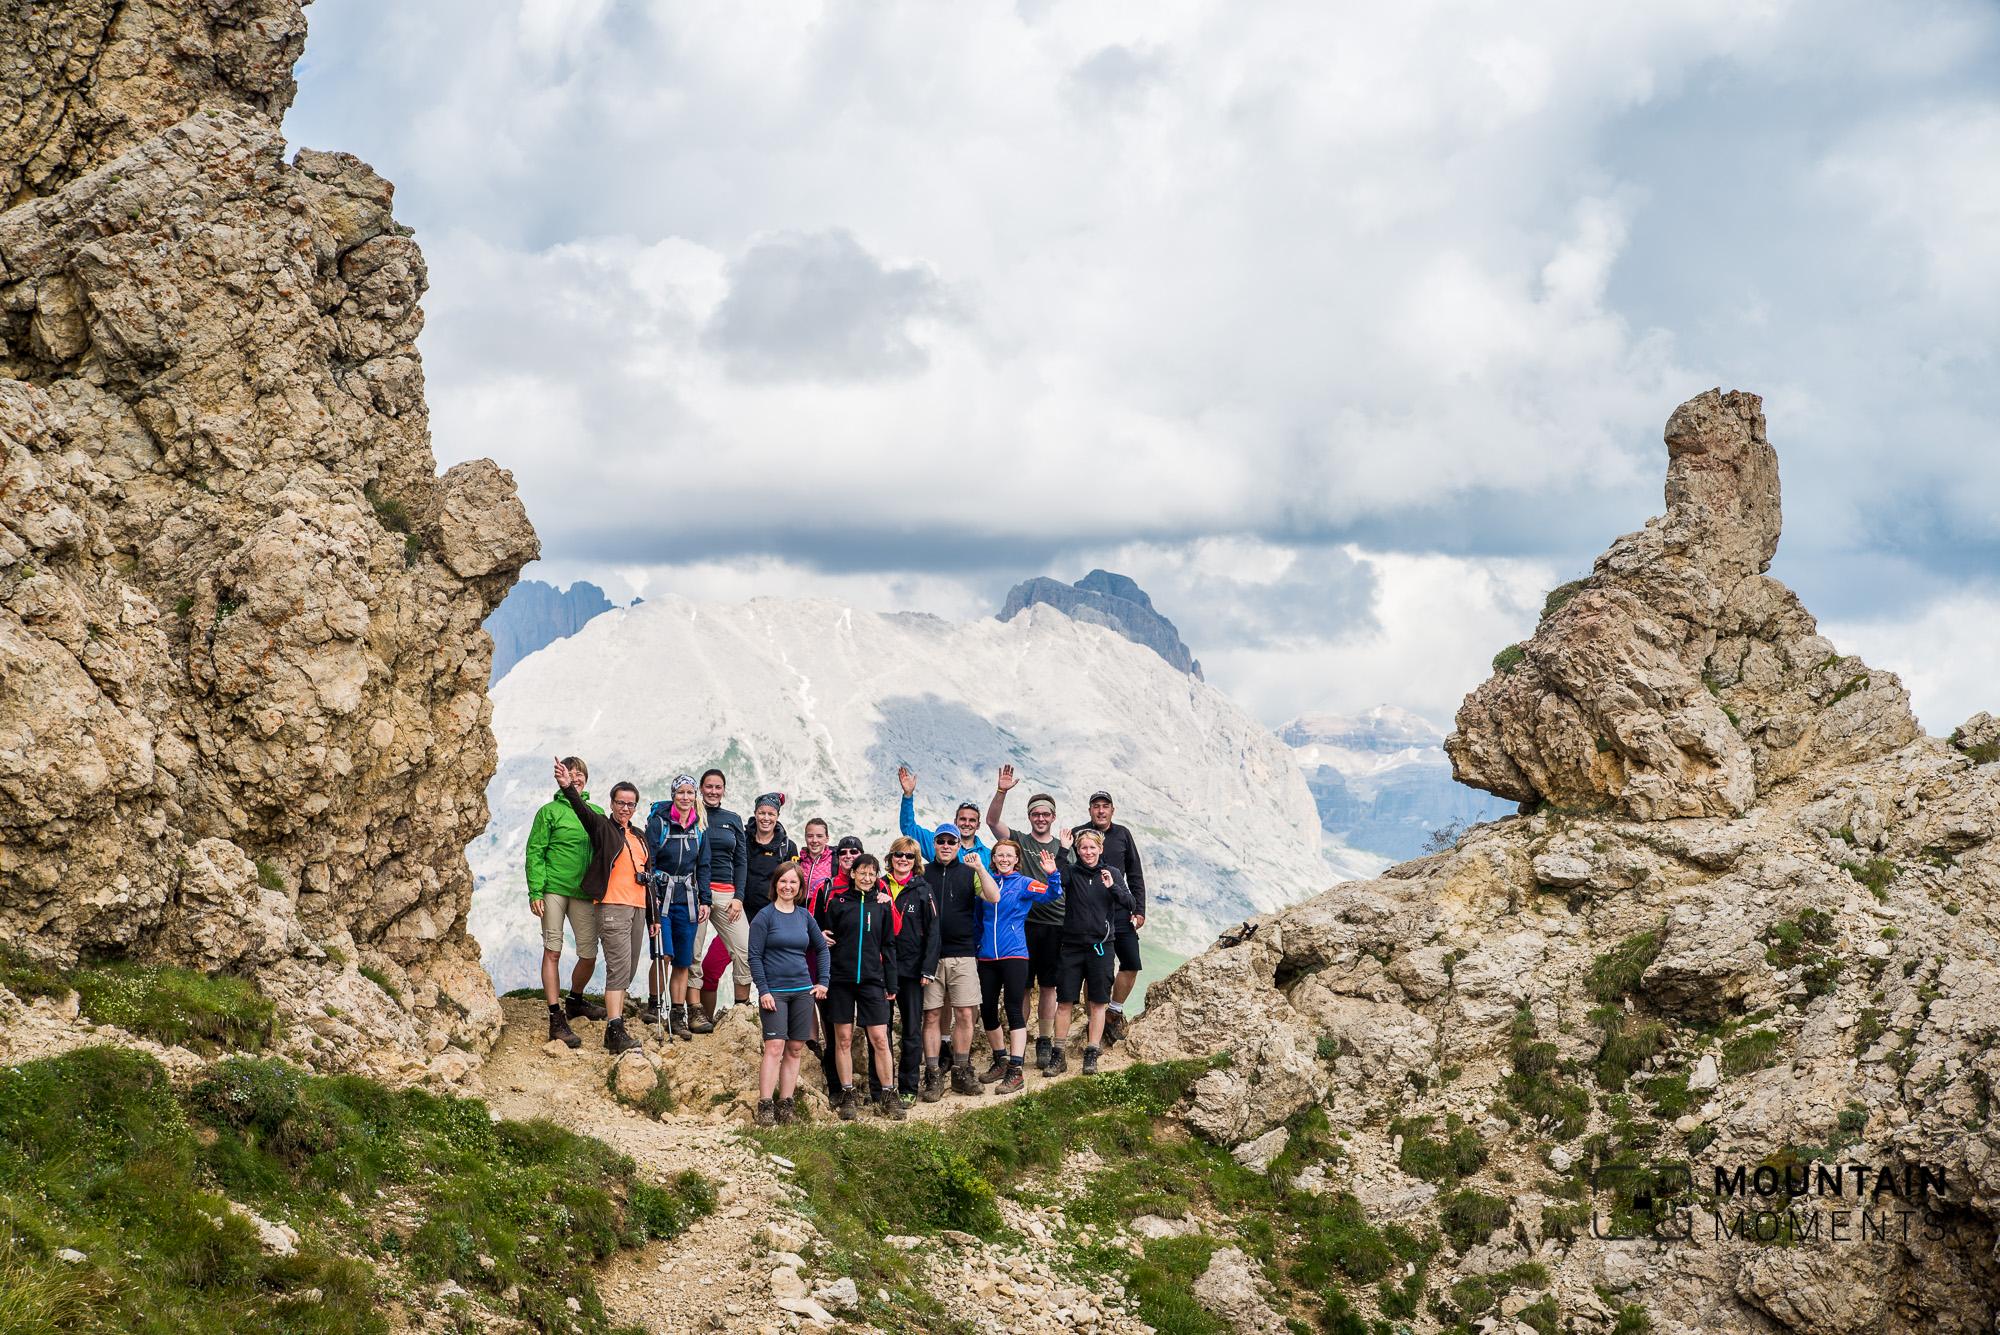 fotowandern, wandern und fotografieren, fotografieren wandern, wanderfoto, wanderer foto, fotografie alpen, outdoor fotografie, outdoor bilder, foto wandern tipps, foto wanderung alpen, foto wandern tutorial, bessere fotos beim wandern